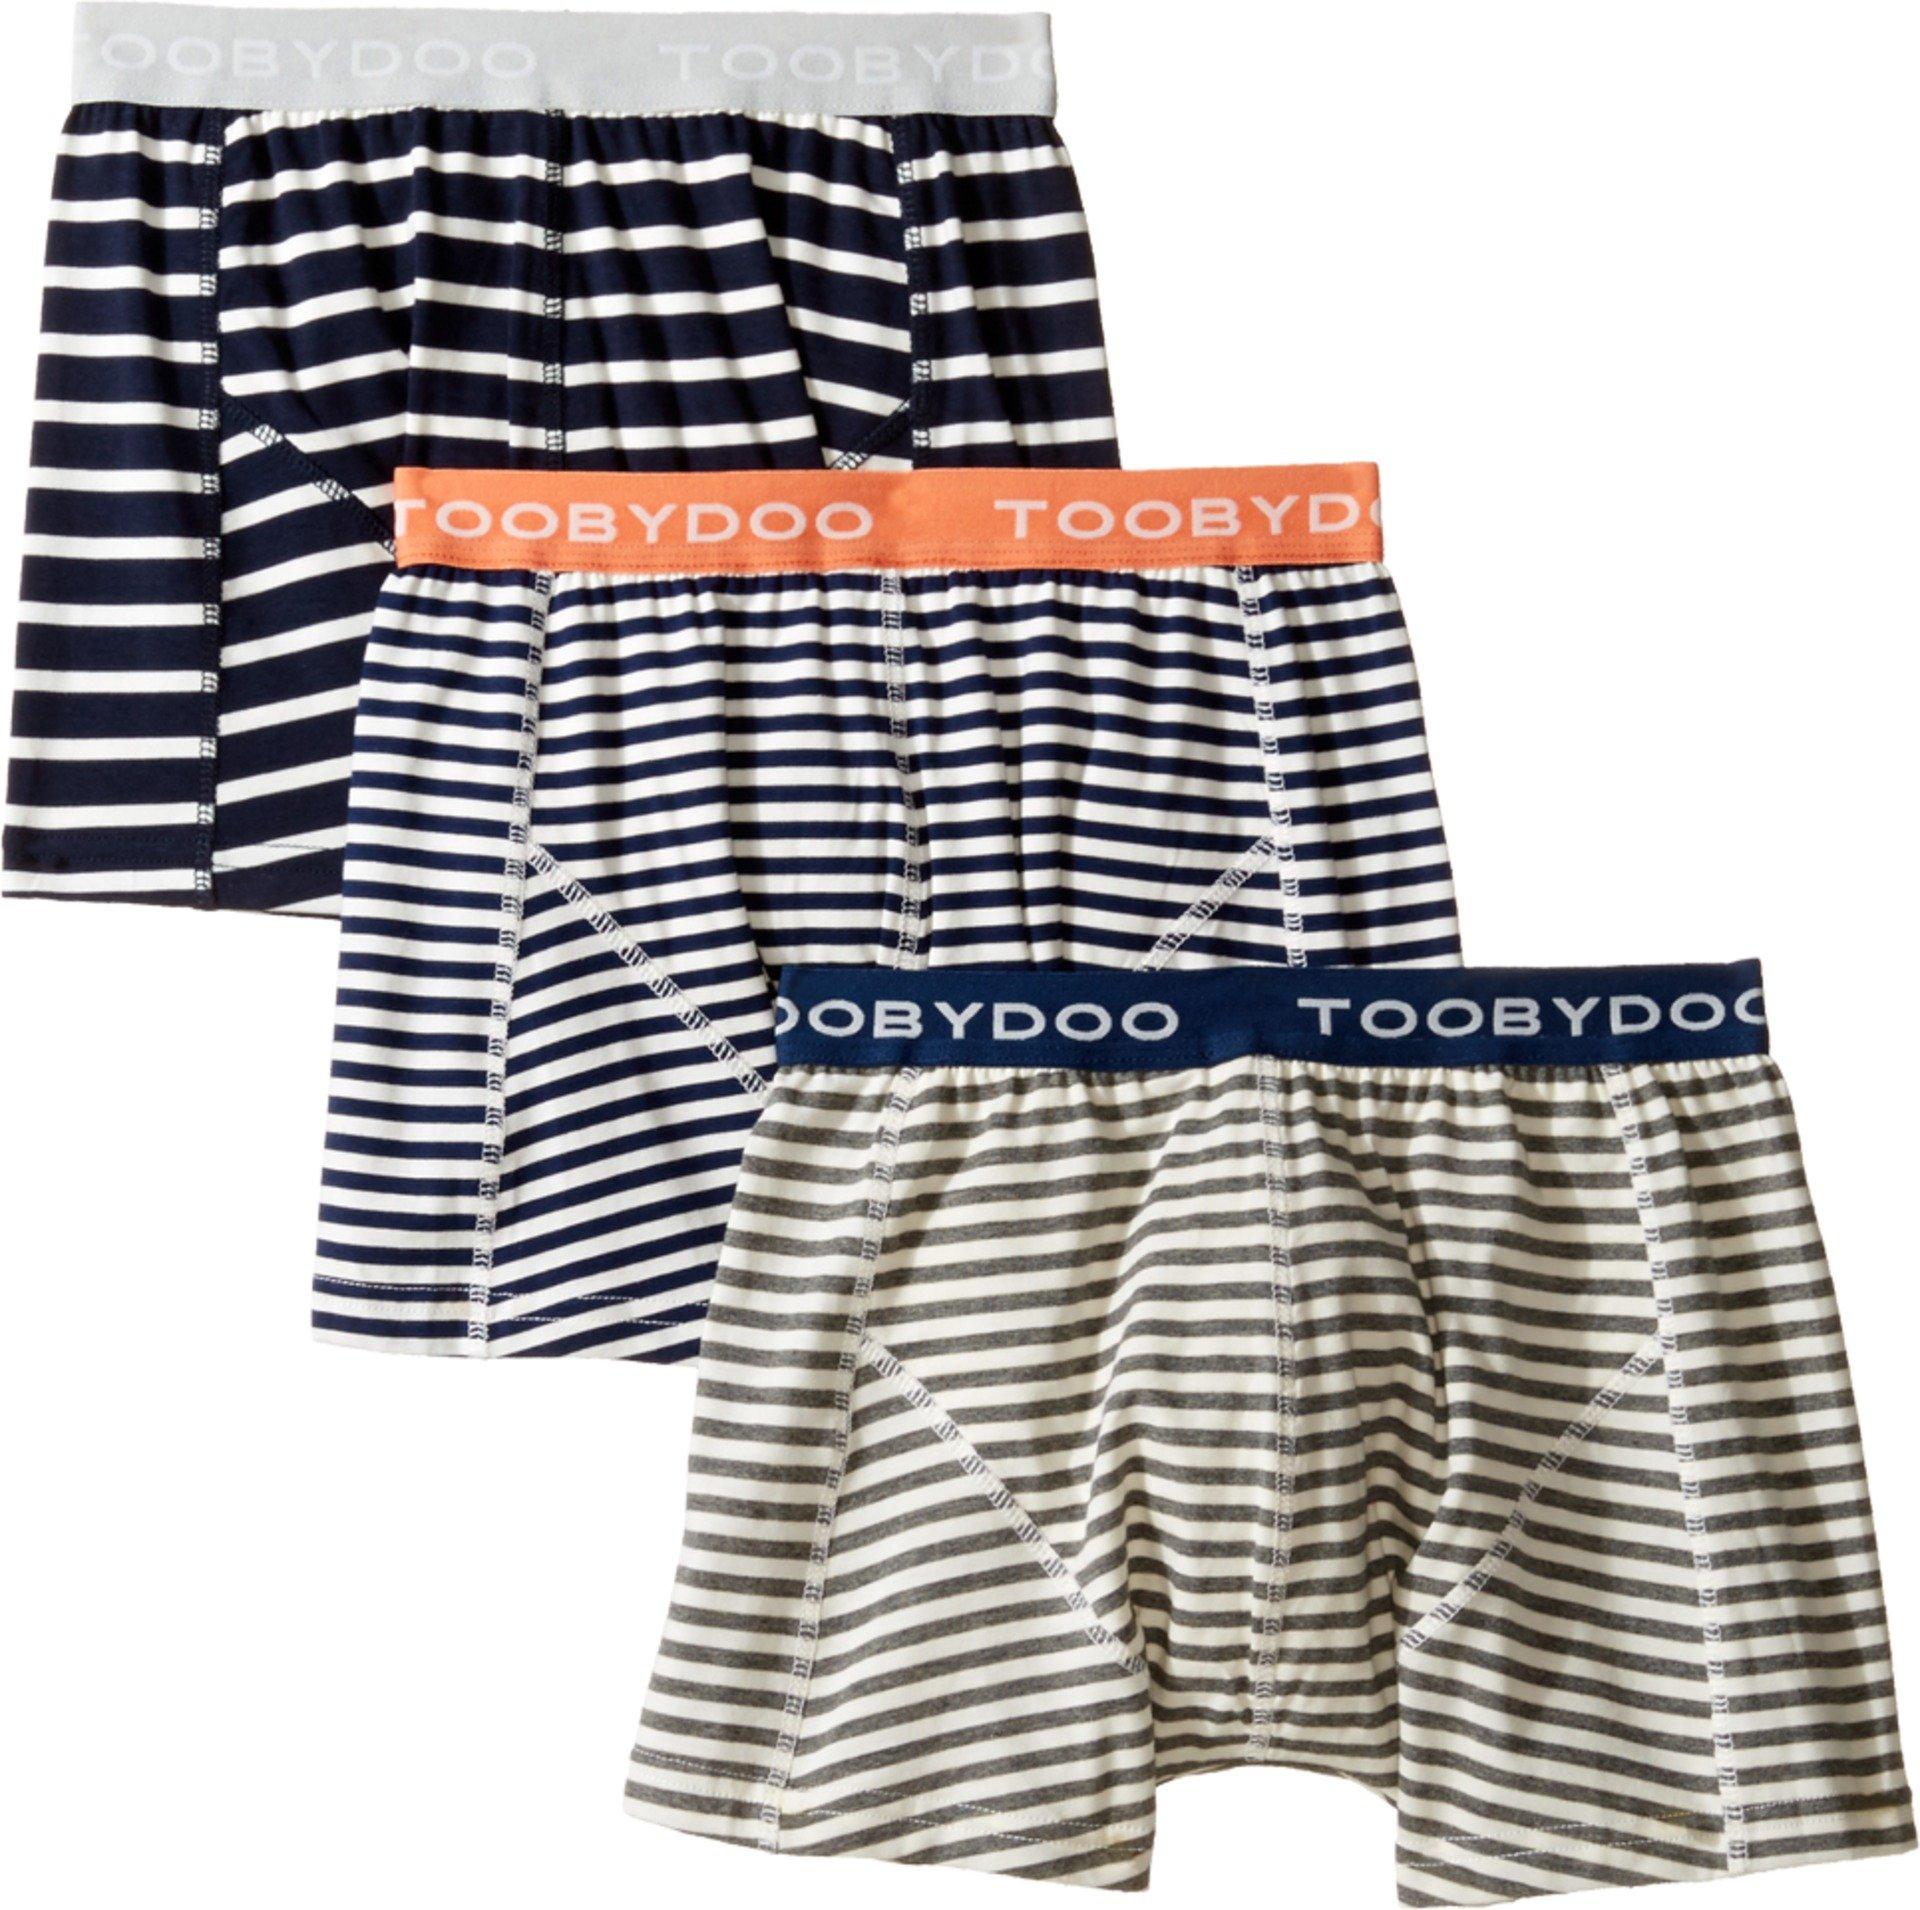 Toobydoo Baby Boy's Multi Stripe Underwear 3-Pack (Infant/Toddler/Little Kids/Big Kids) Navy/Grey/White Underwear